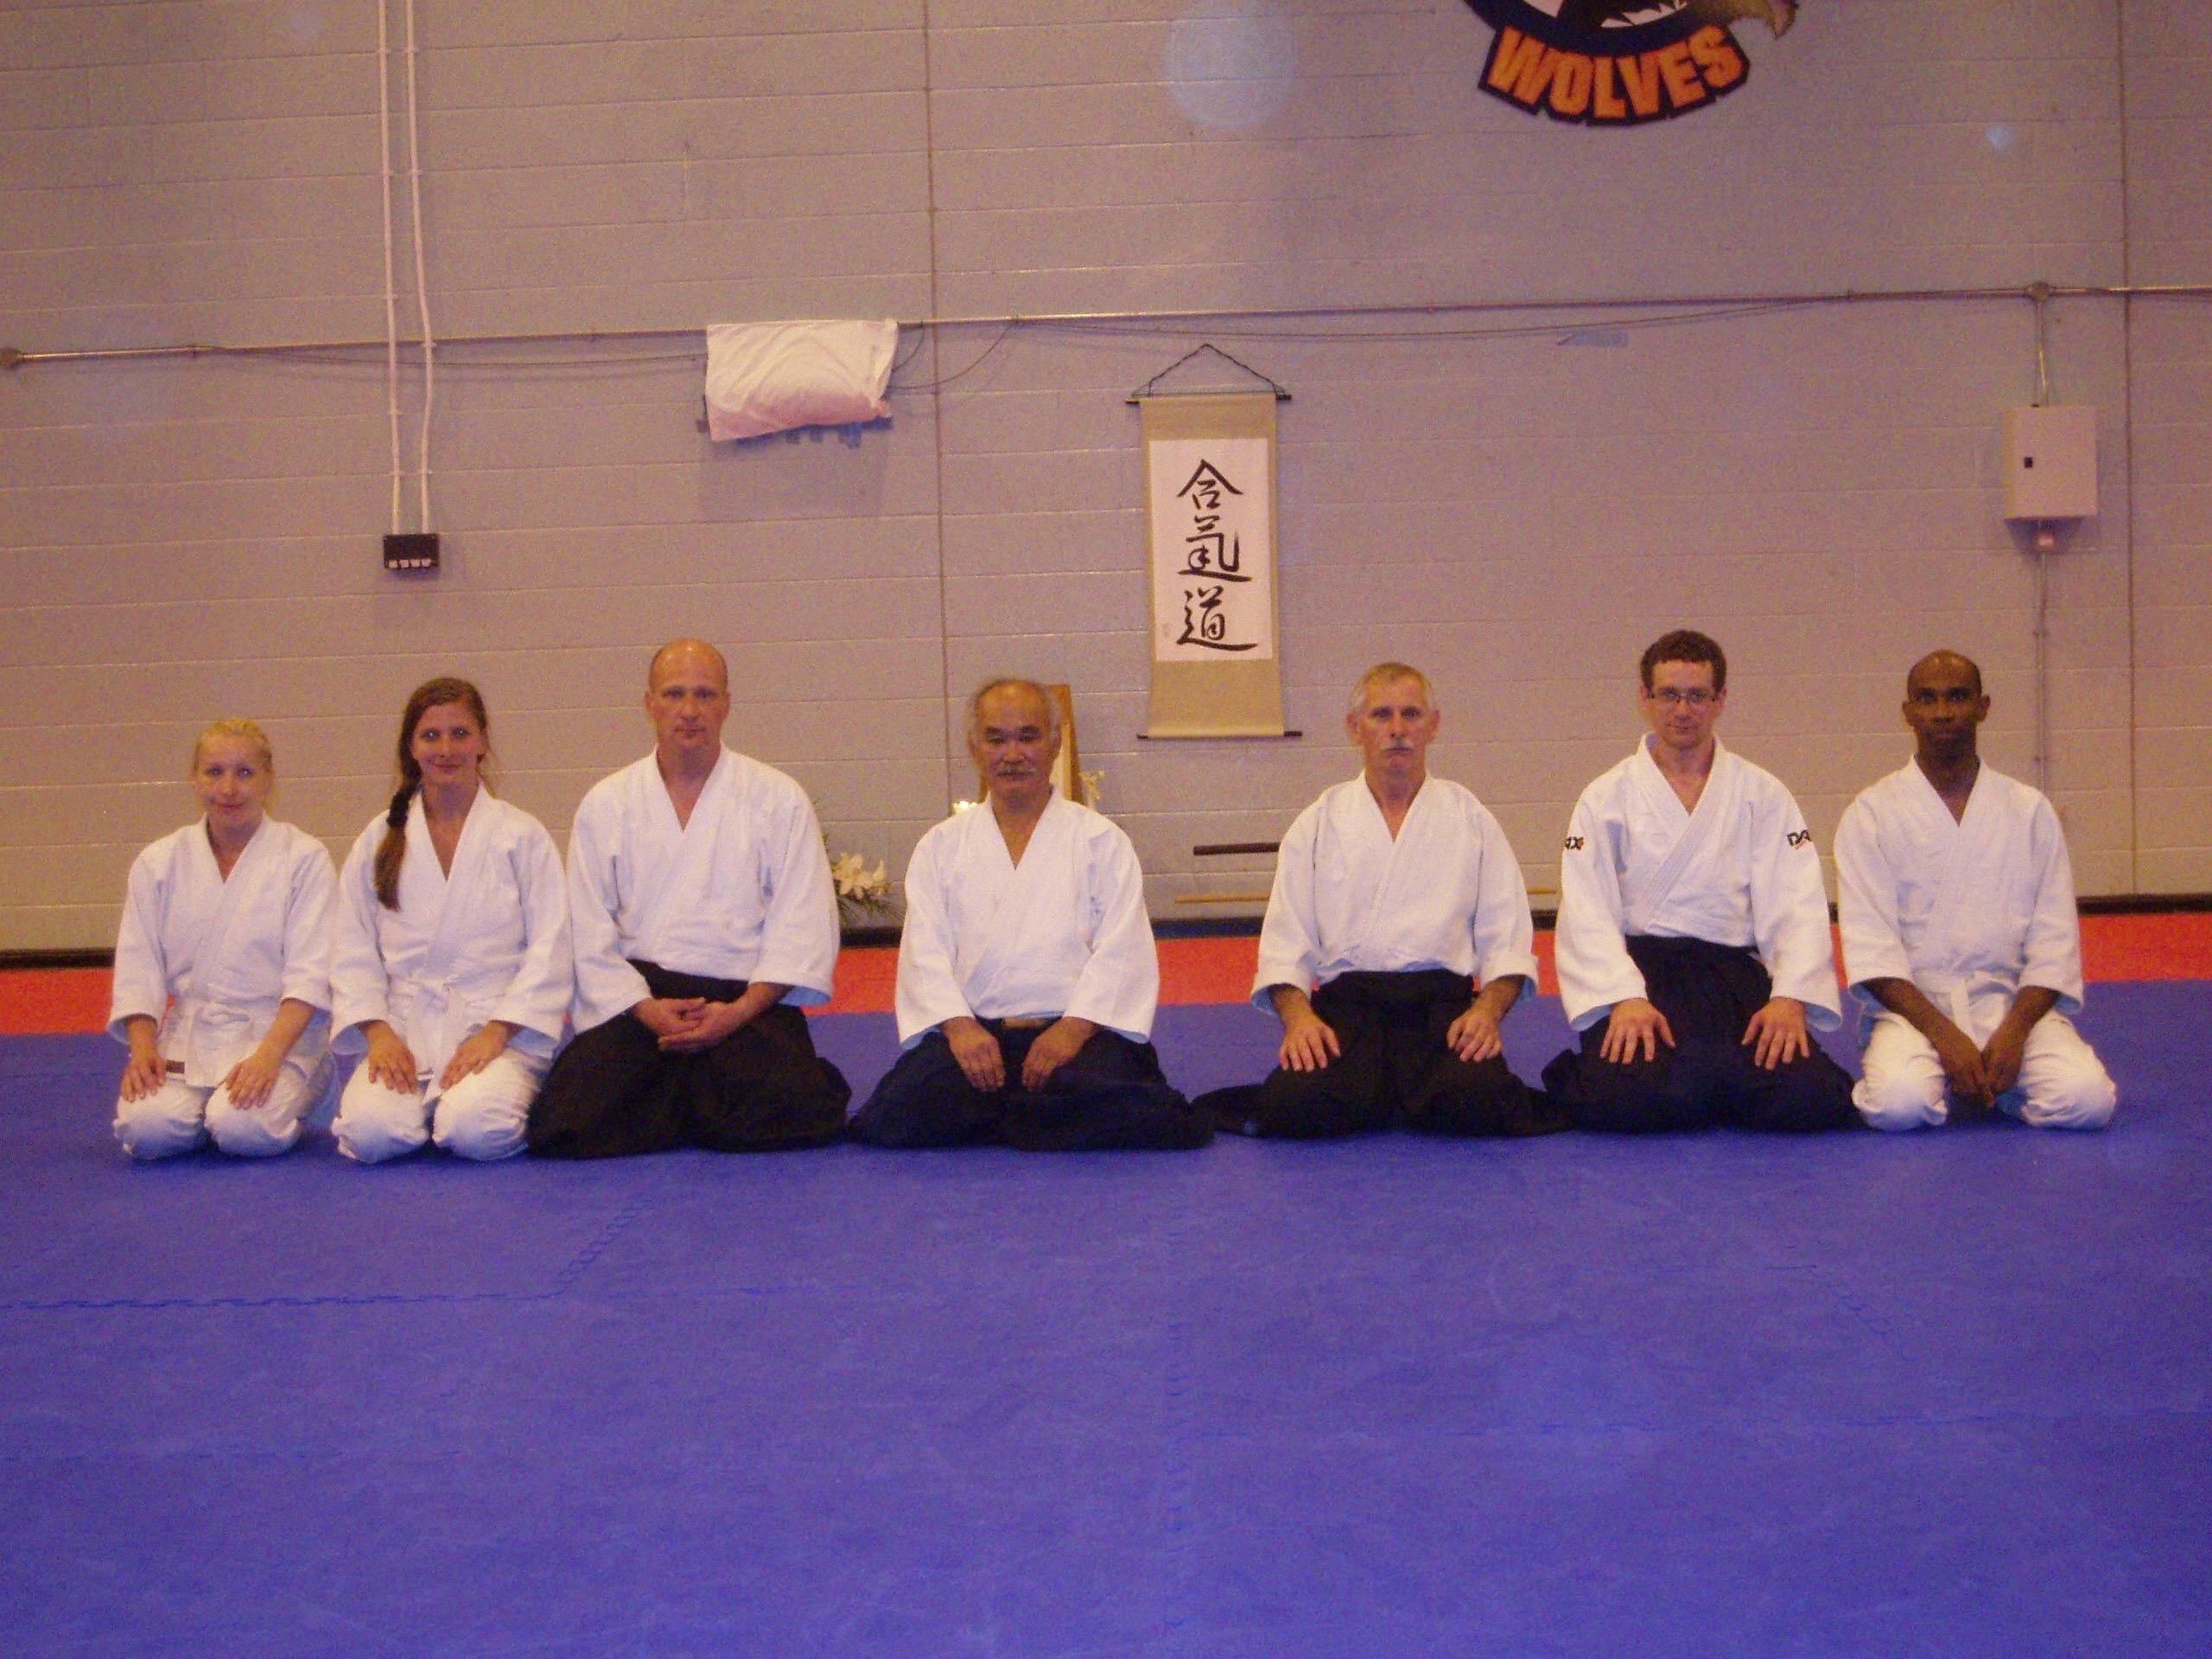 «На фото в центре Чиба сенсей, первый справа от него Стив Бичам, второй справа Михаил Родионов. 2011 год, Вустер, Великобритания»